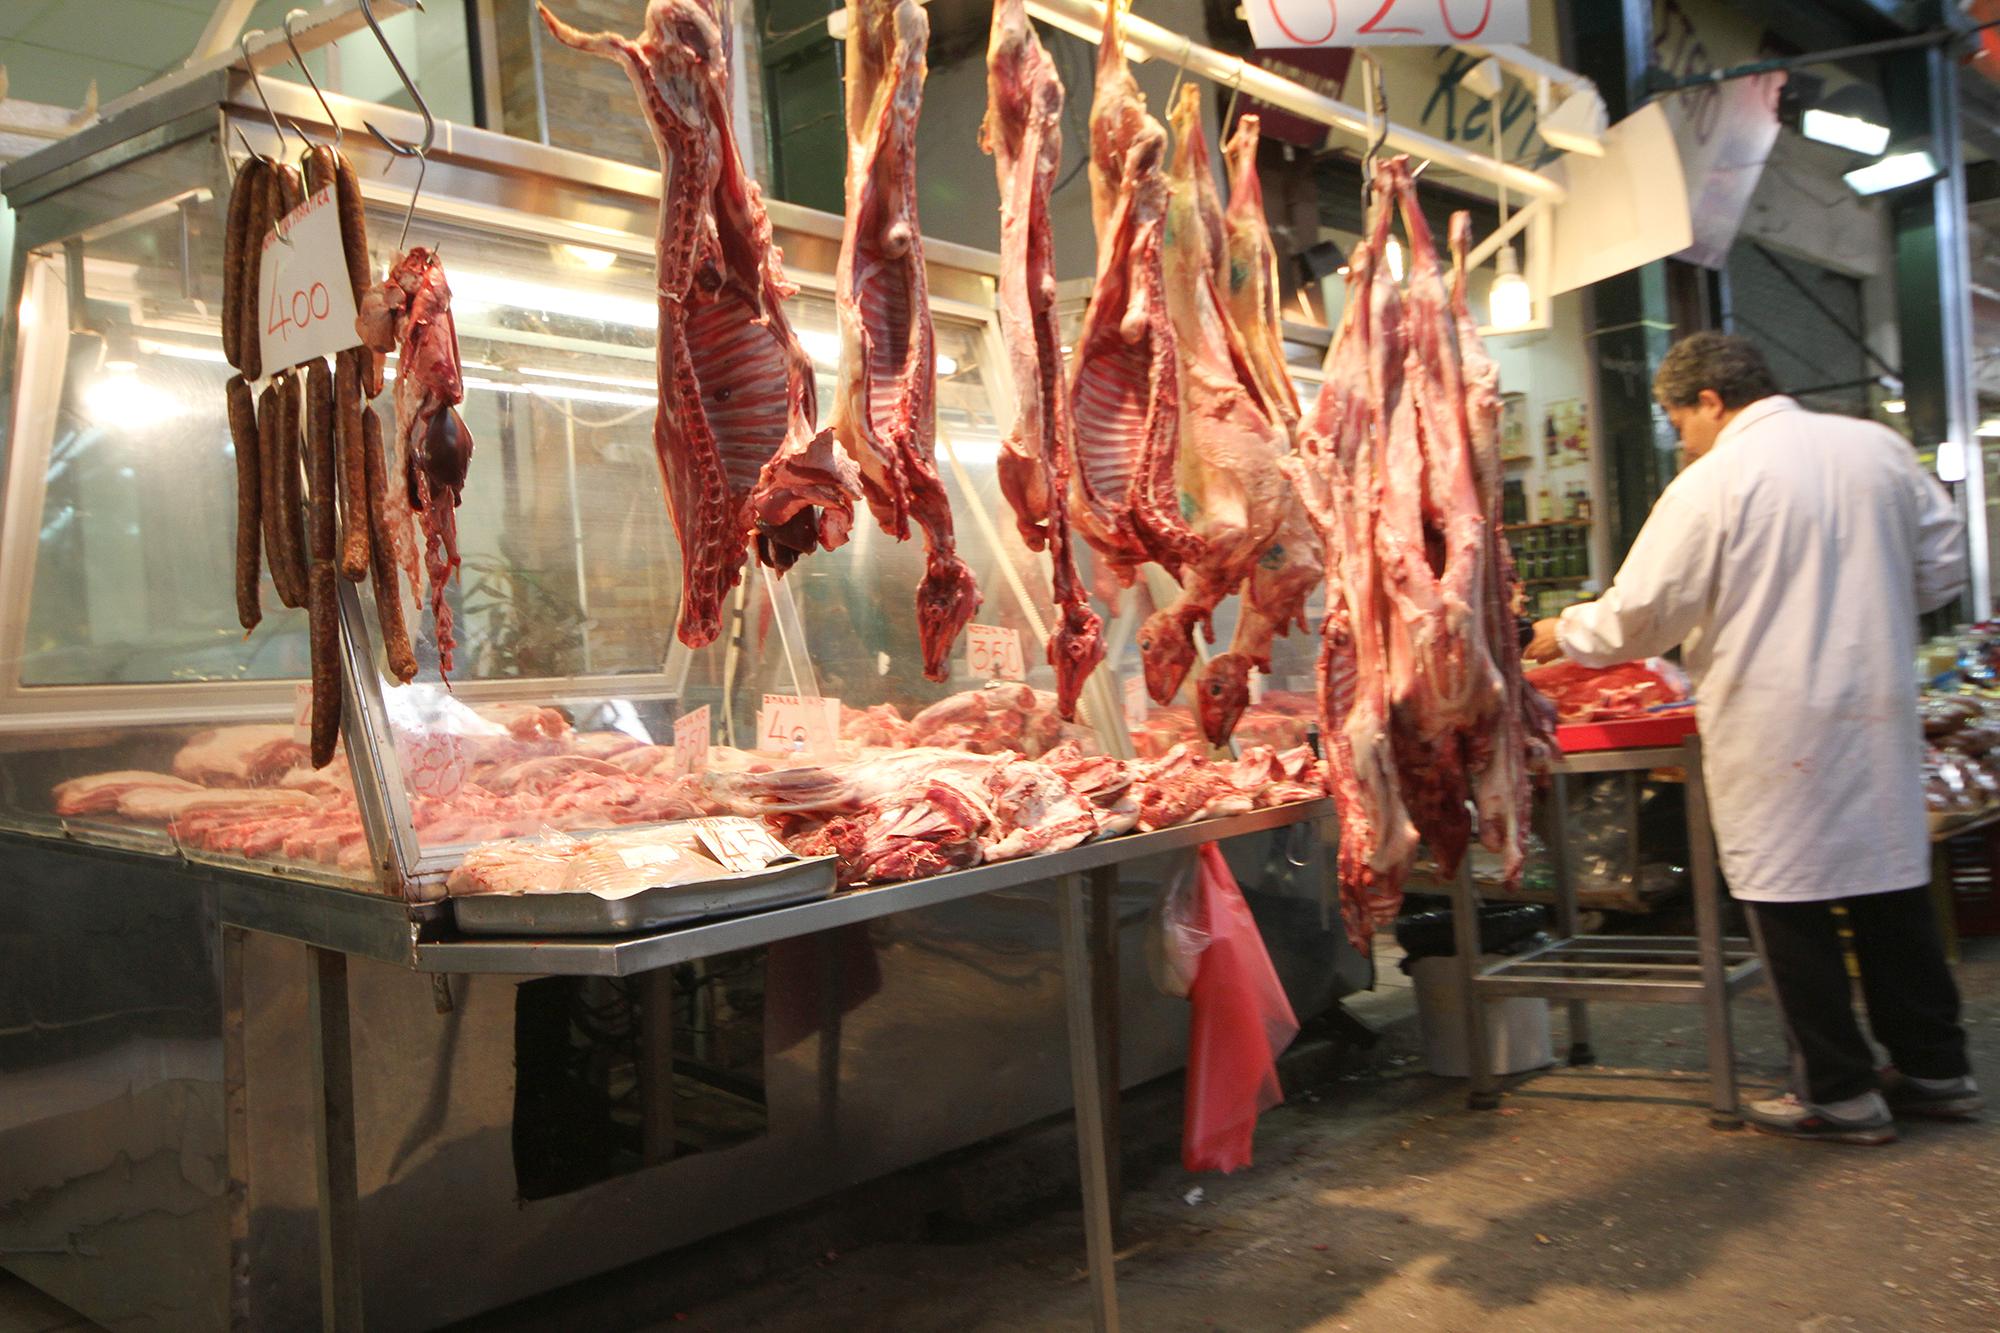 Thessaloniki meat market